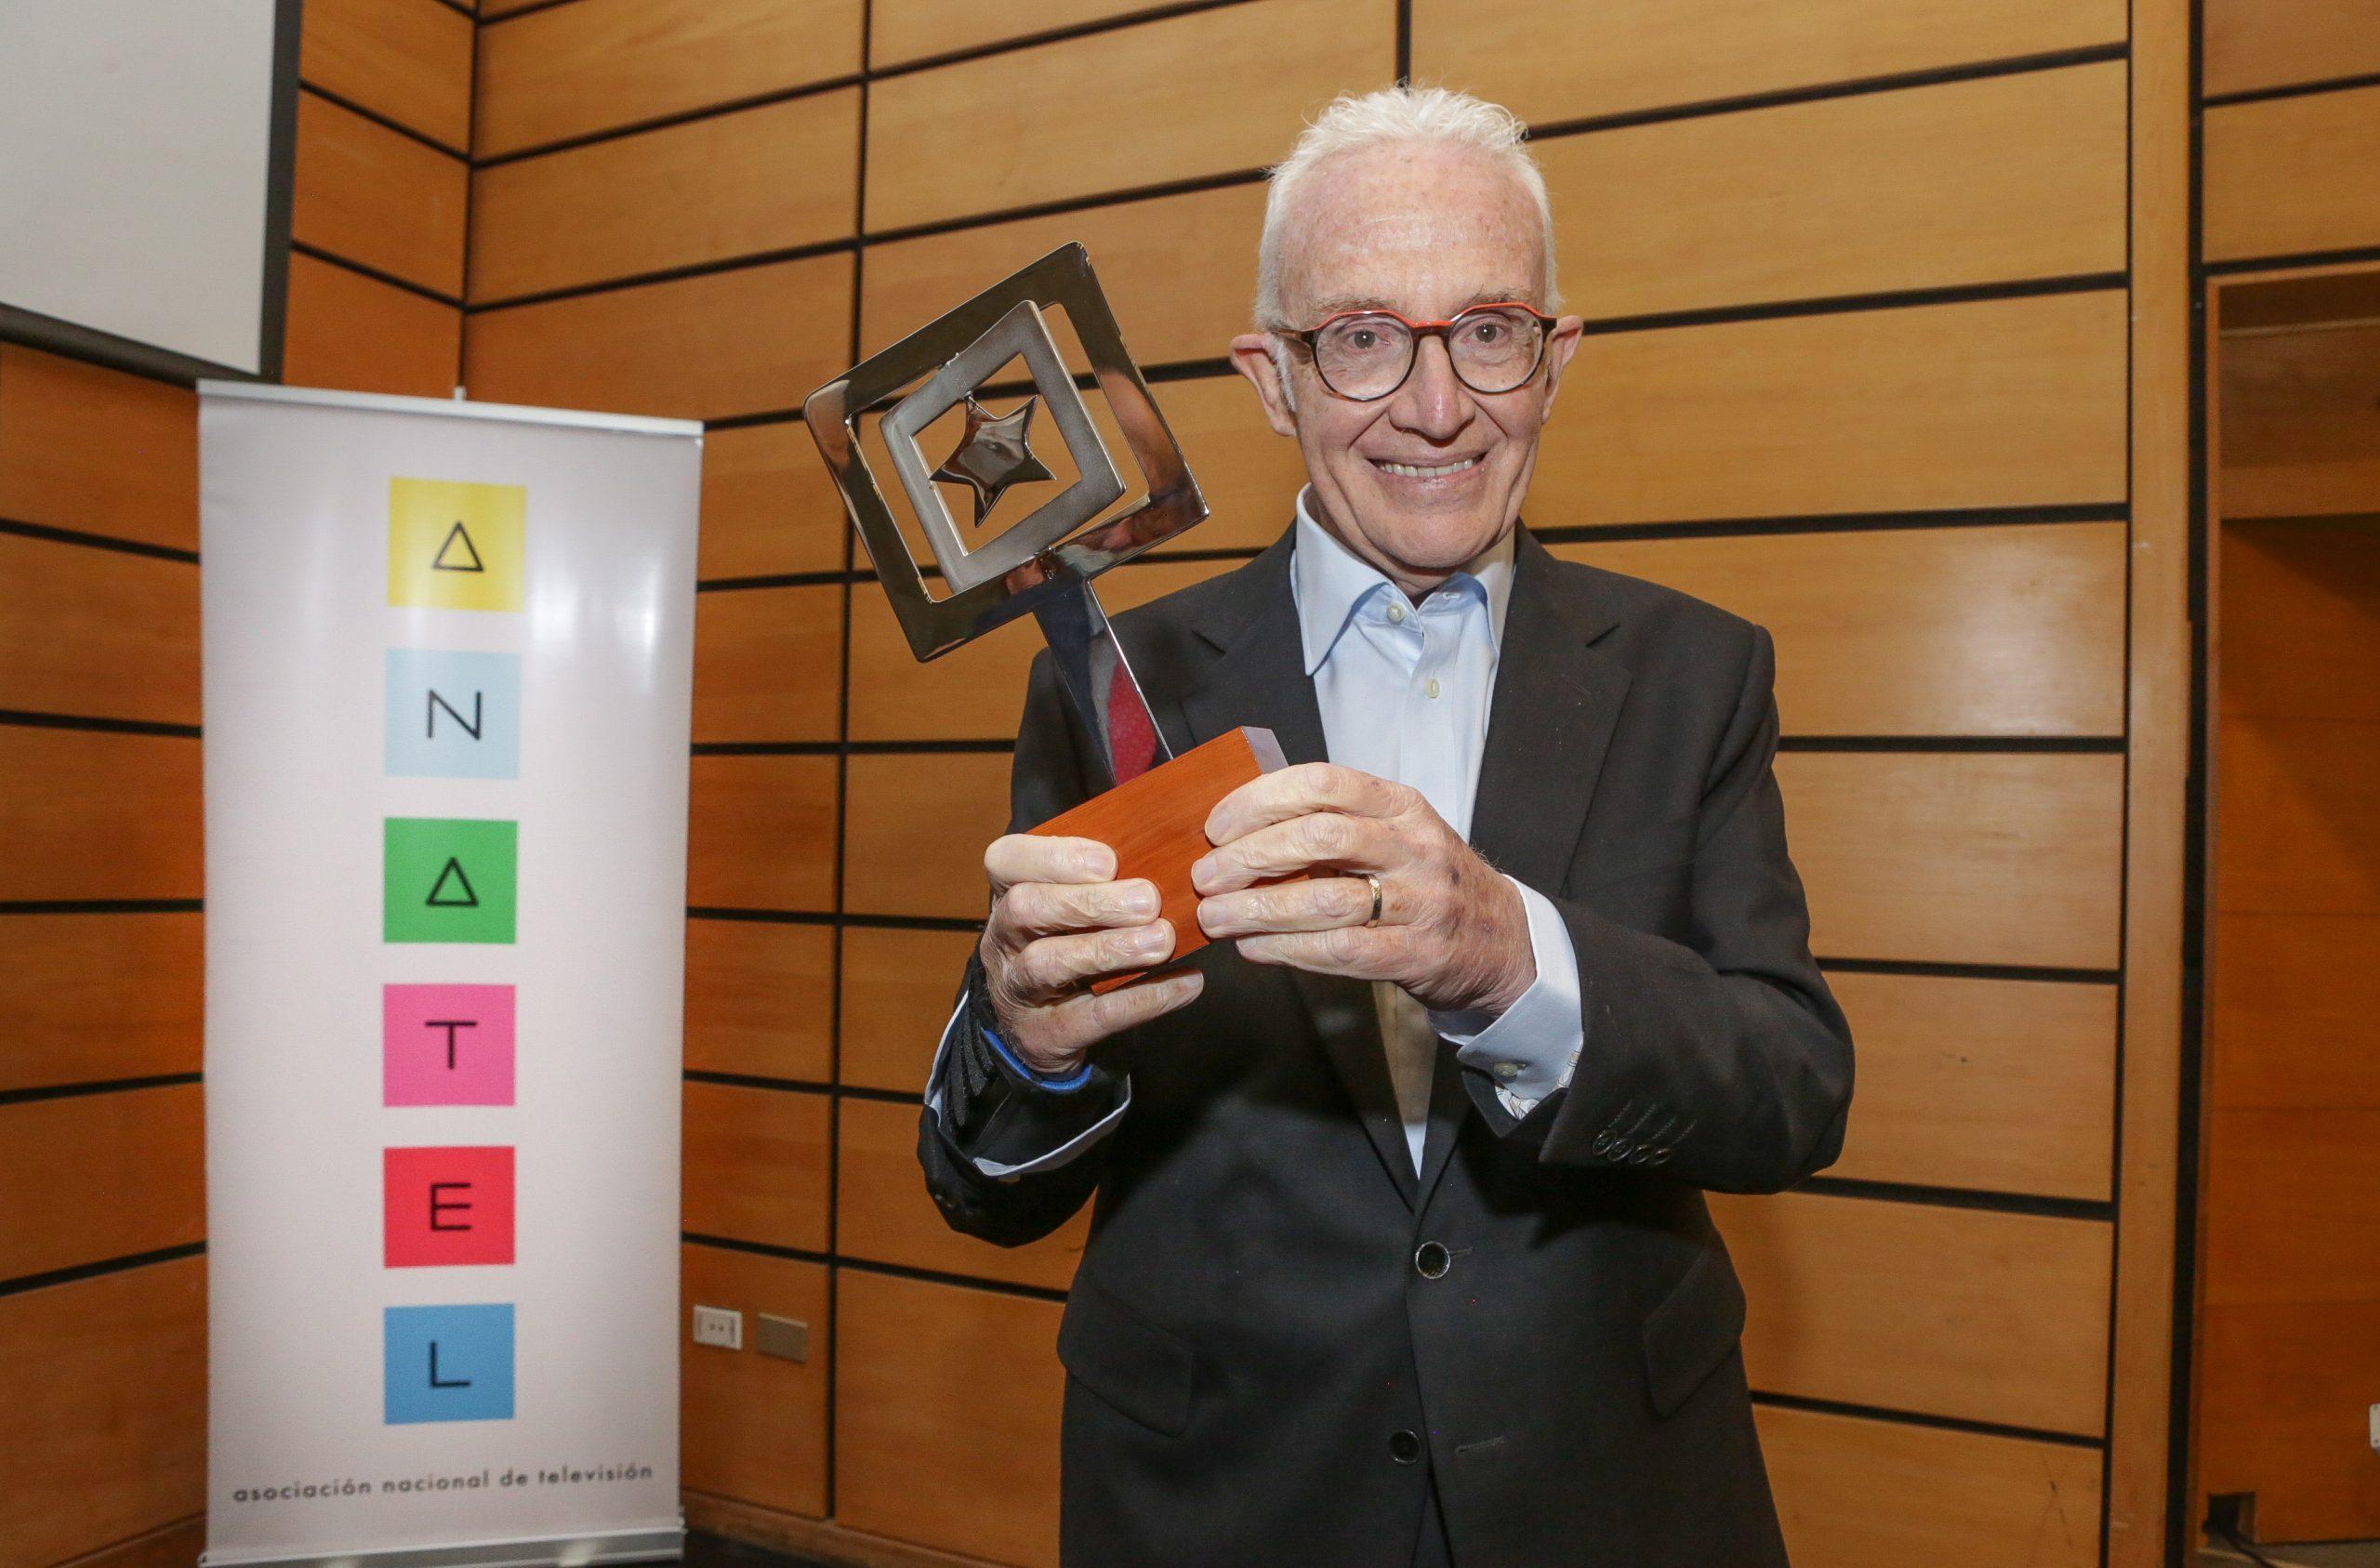 Pedro Carcuro recibe Premio Anatel 2020